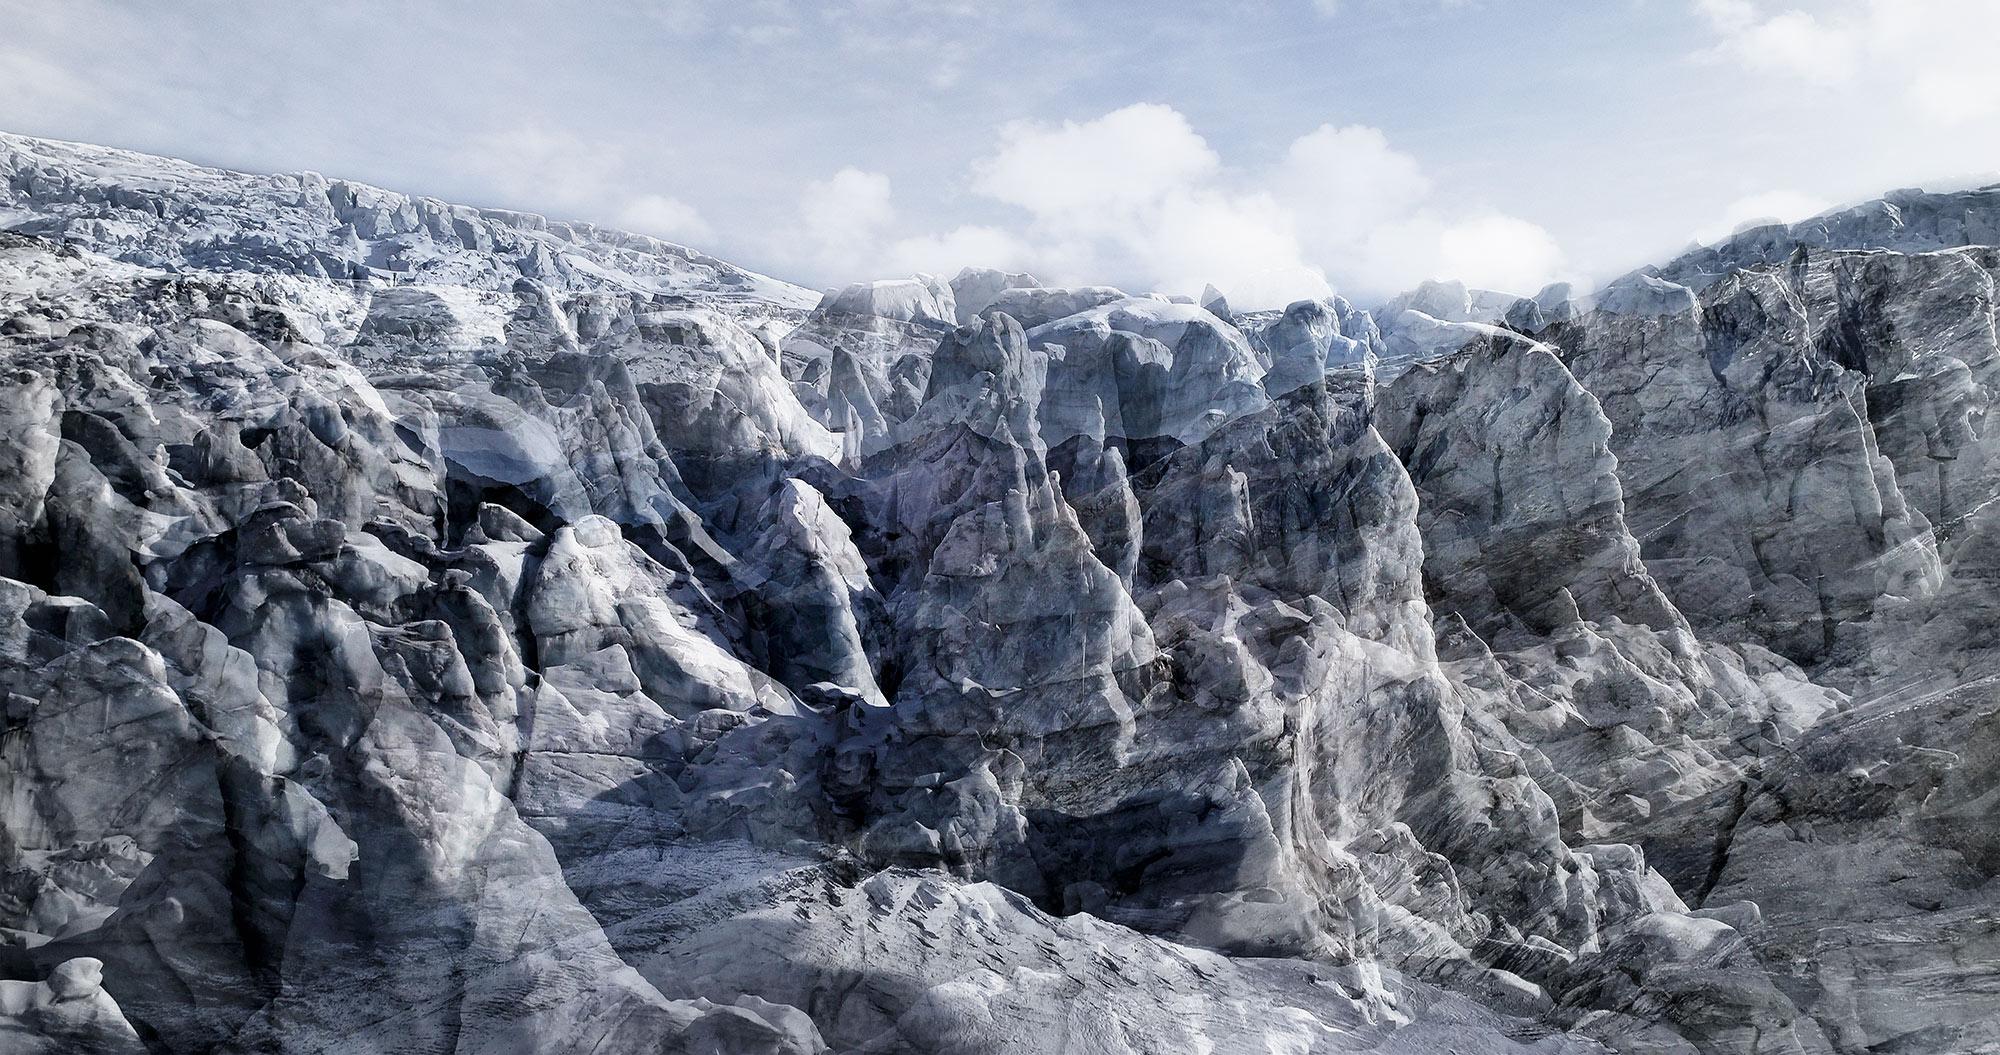 #35 Glaciers offset, 2017, photographie reconstruite à partir de bandes videos, réalisées sur le glacier de Ferpècle  #35 Glaciers offset, 2017, photographie reconstruite à partir de bandes videos, réalisées sur le glacier de Ferpècle